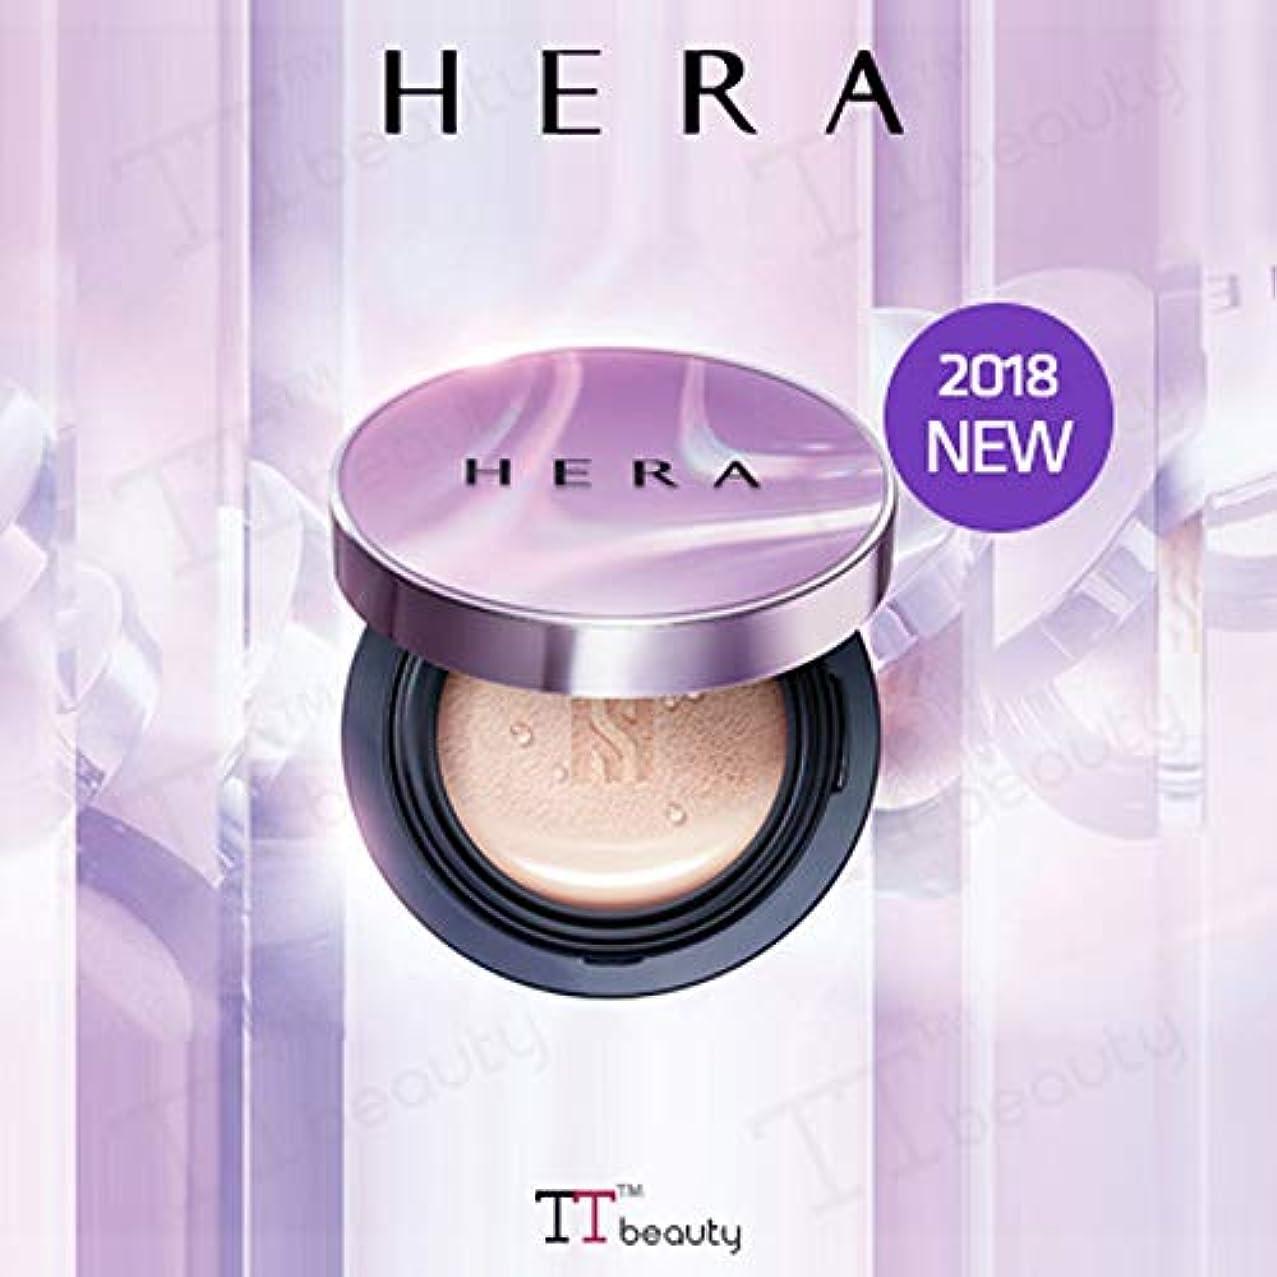 [HERA/ヘラ]UVミストクッションカバー(15gx2)/UV MIST CUSHION COVER SPF50+/PA+++[2018新発売][TTBEAUTY][韓国コスメ] (No.C15-Rose Ivory...